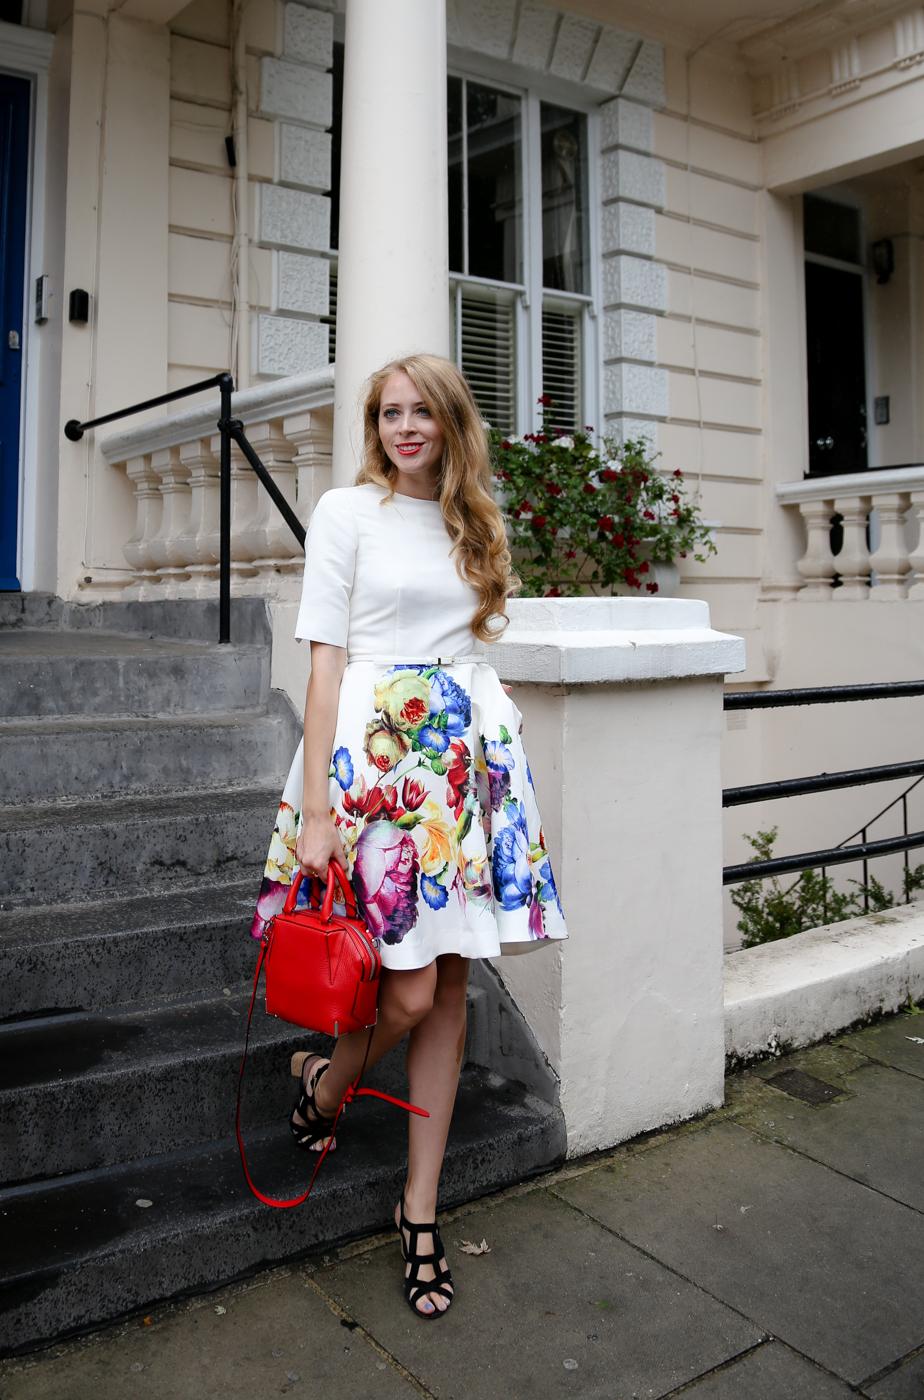 ted-baker-floral-dress-2-of-10